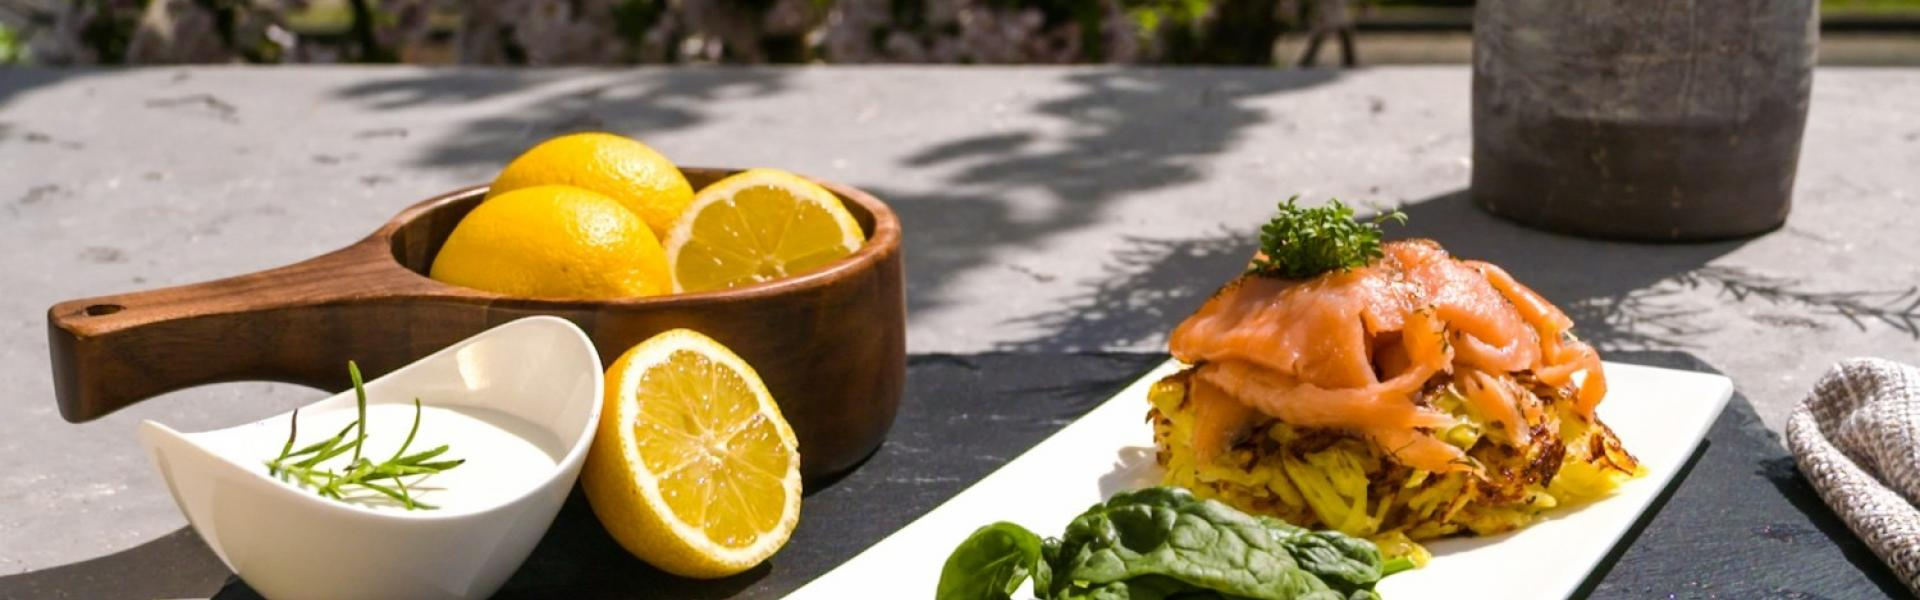 Kartoffelpuffer mit Lachs auf einem Teller angerichtet.